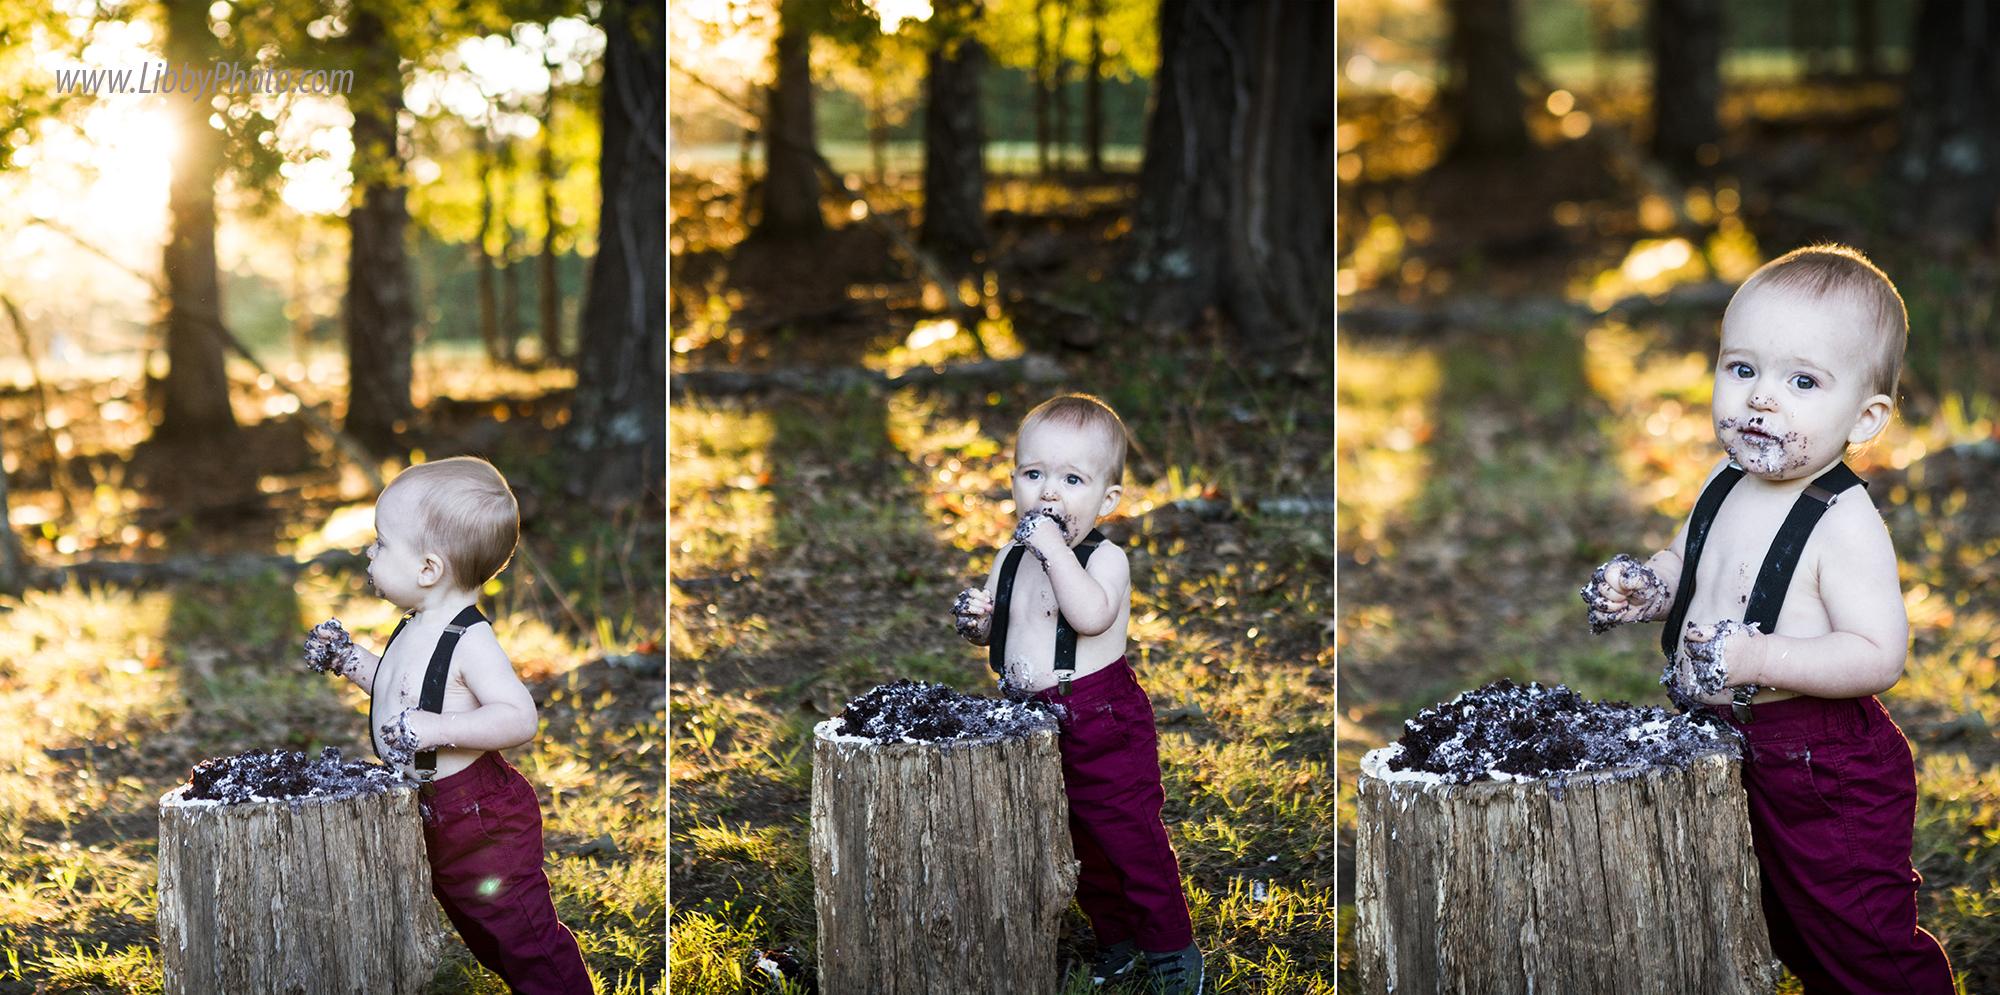 Atlanta family photography Libbyphoto 10 (17).jpg